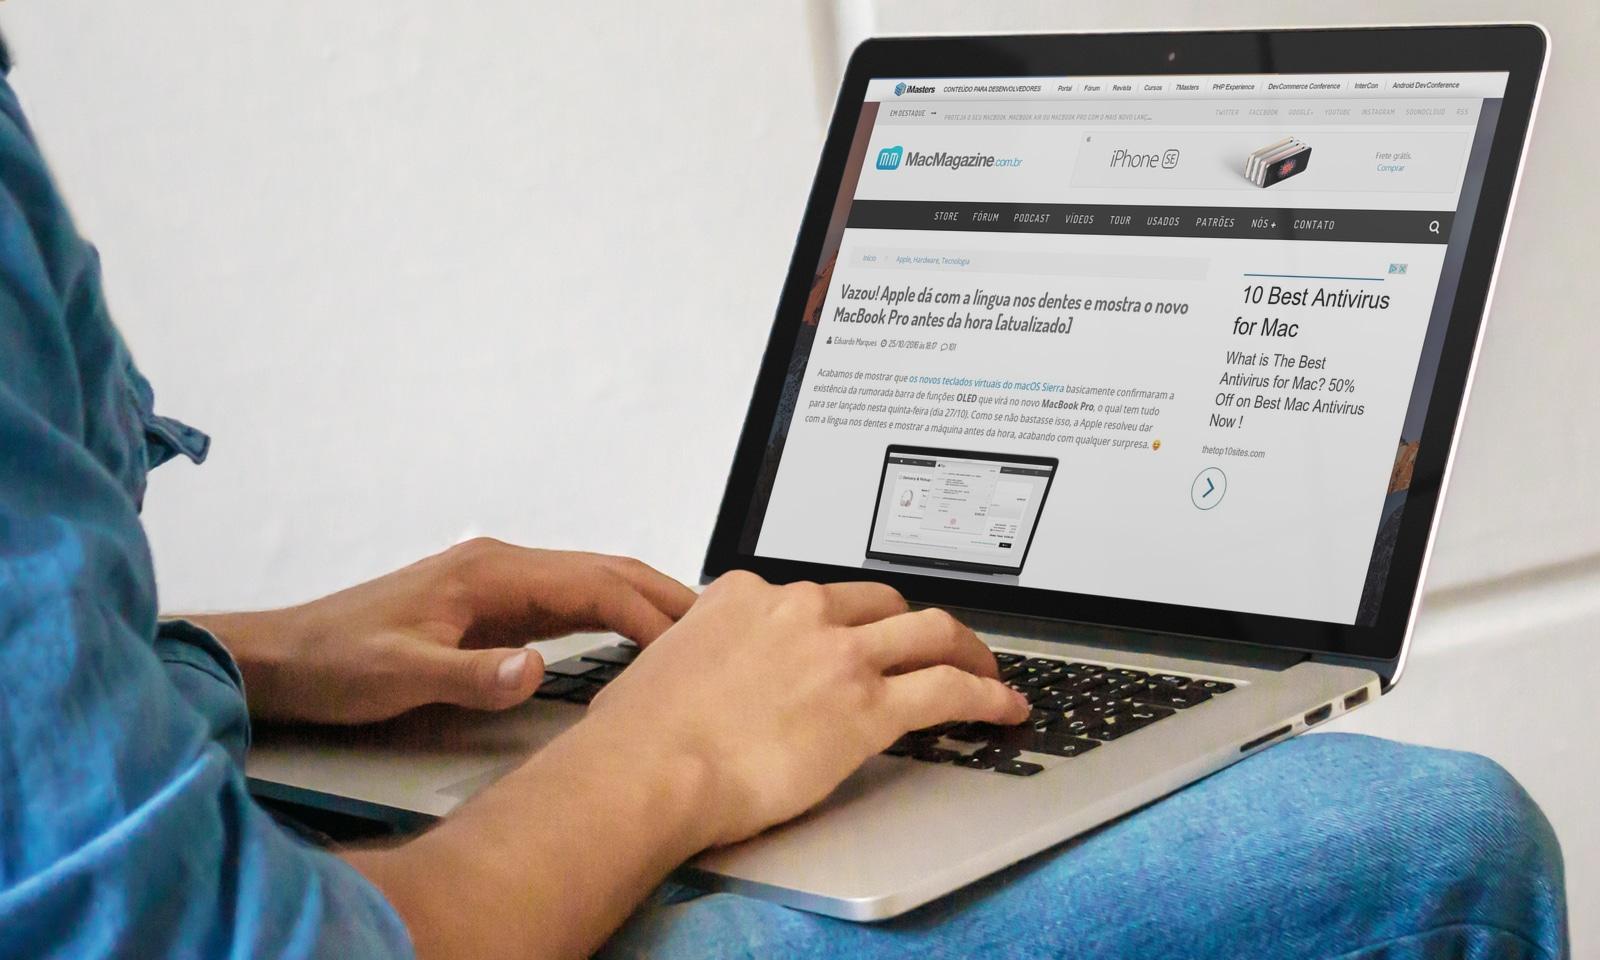 Página do MacMagazine em um MacBook Pro